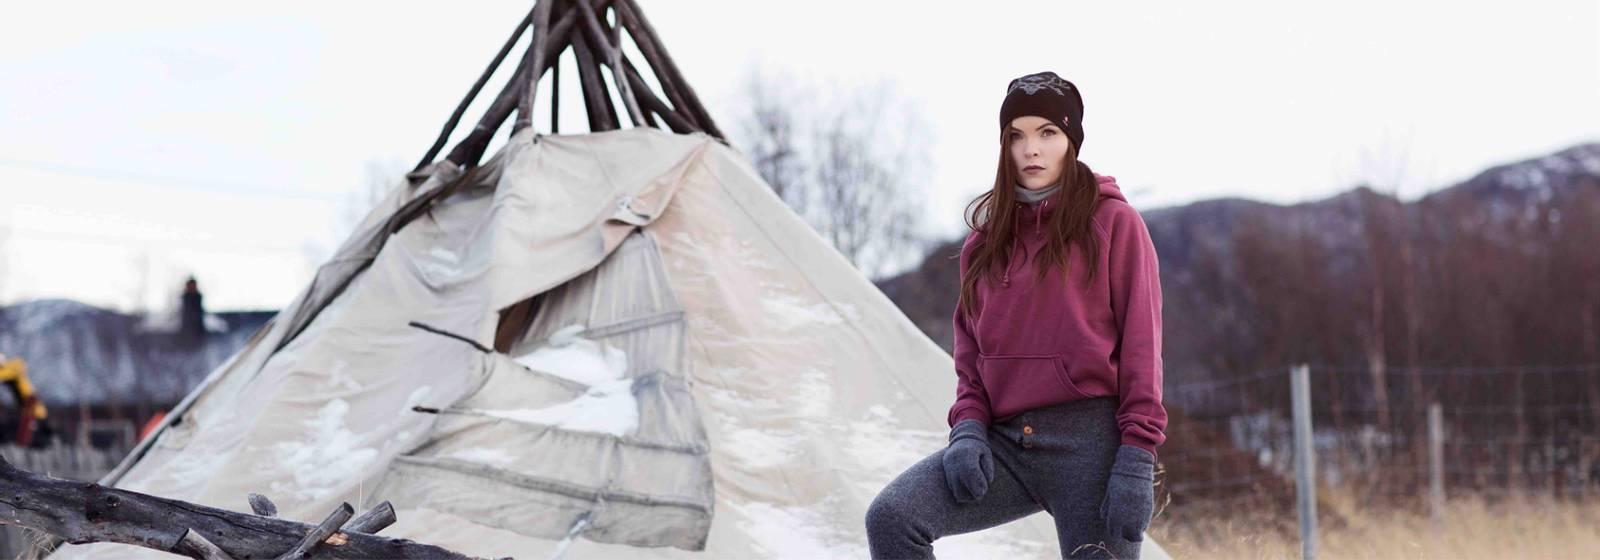 samisk design ullklær merinoull